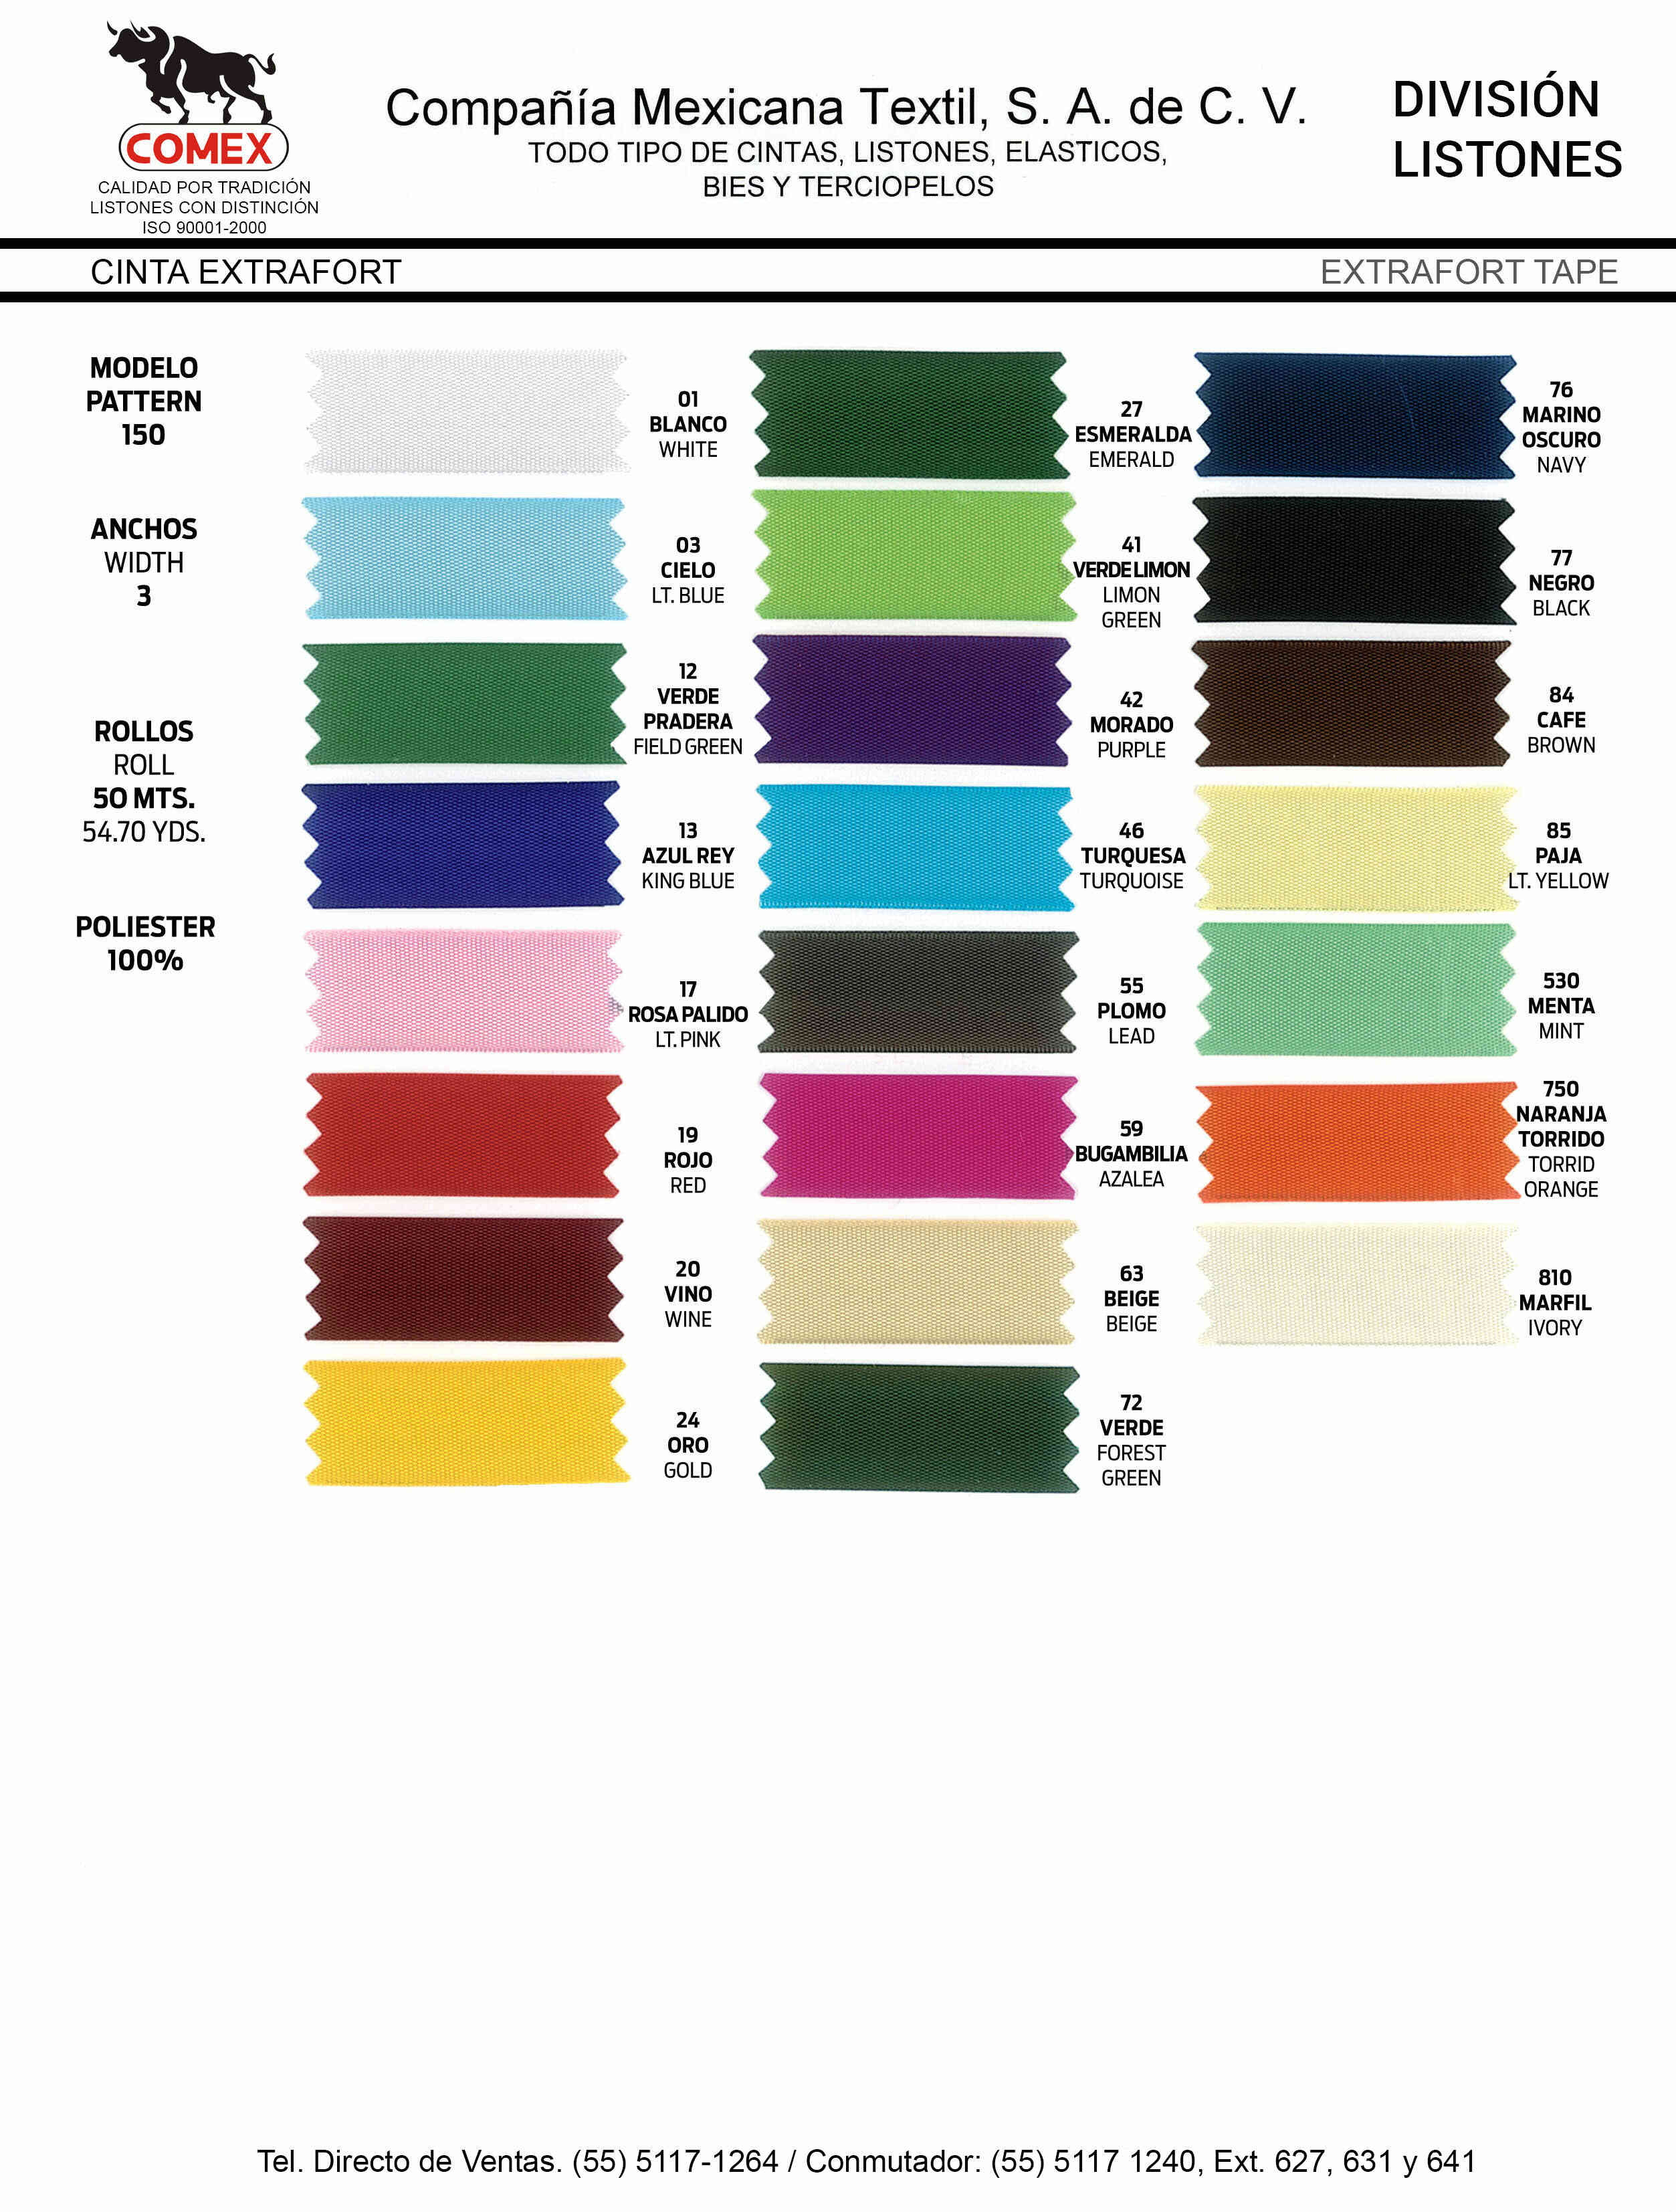 Anchos y Colores de Liston Mod.150